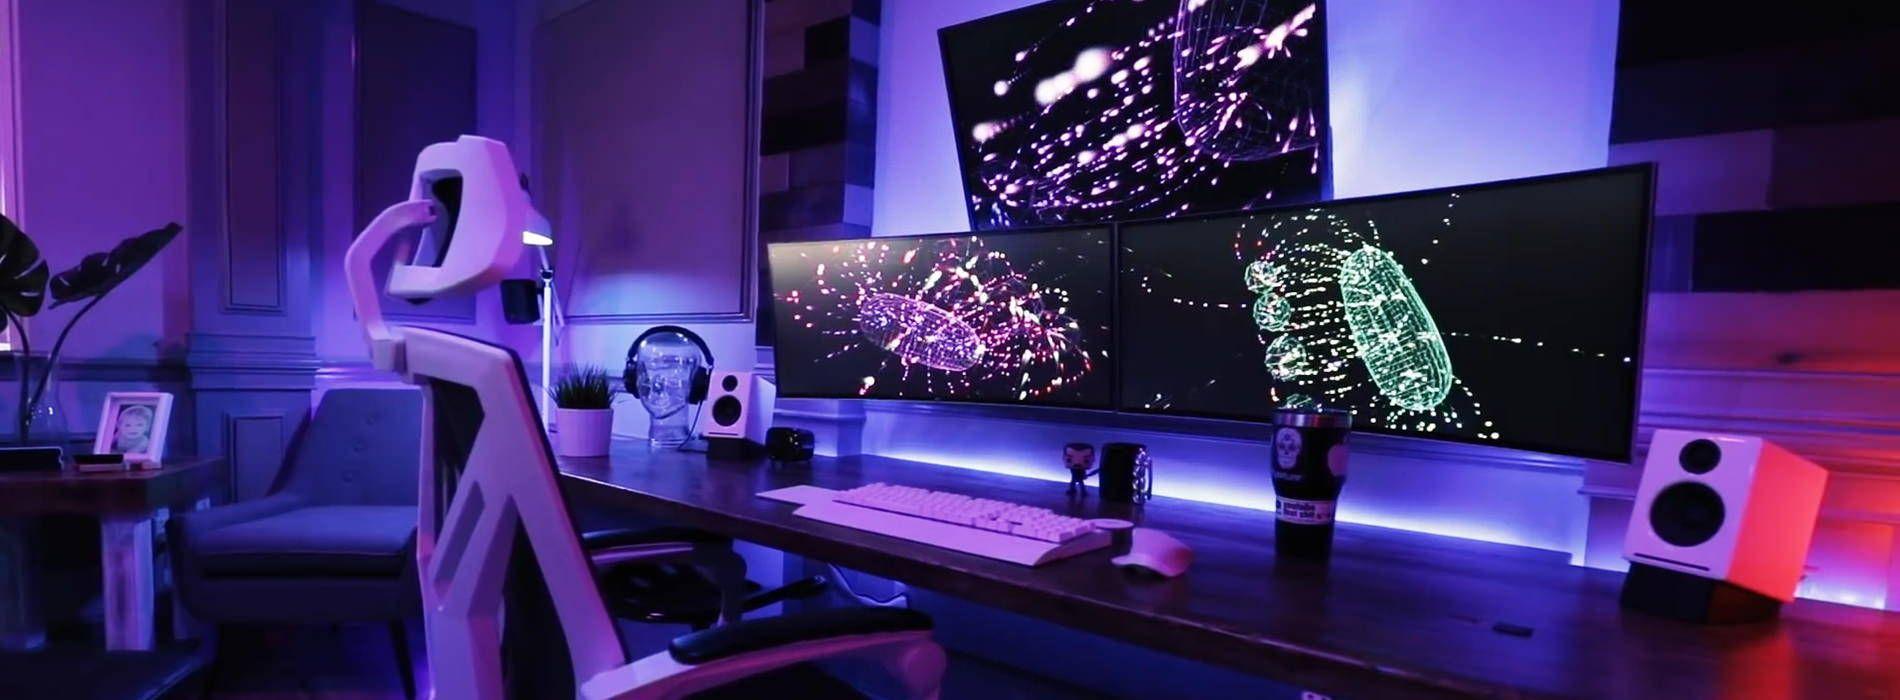 Novostella 40ft 12M RGB Strip Lights, Color Changing